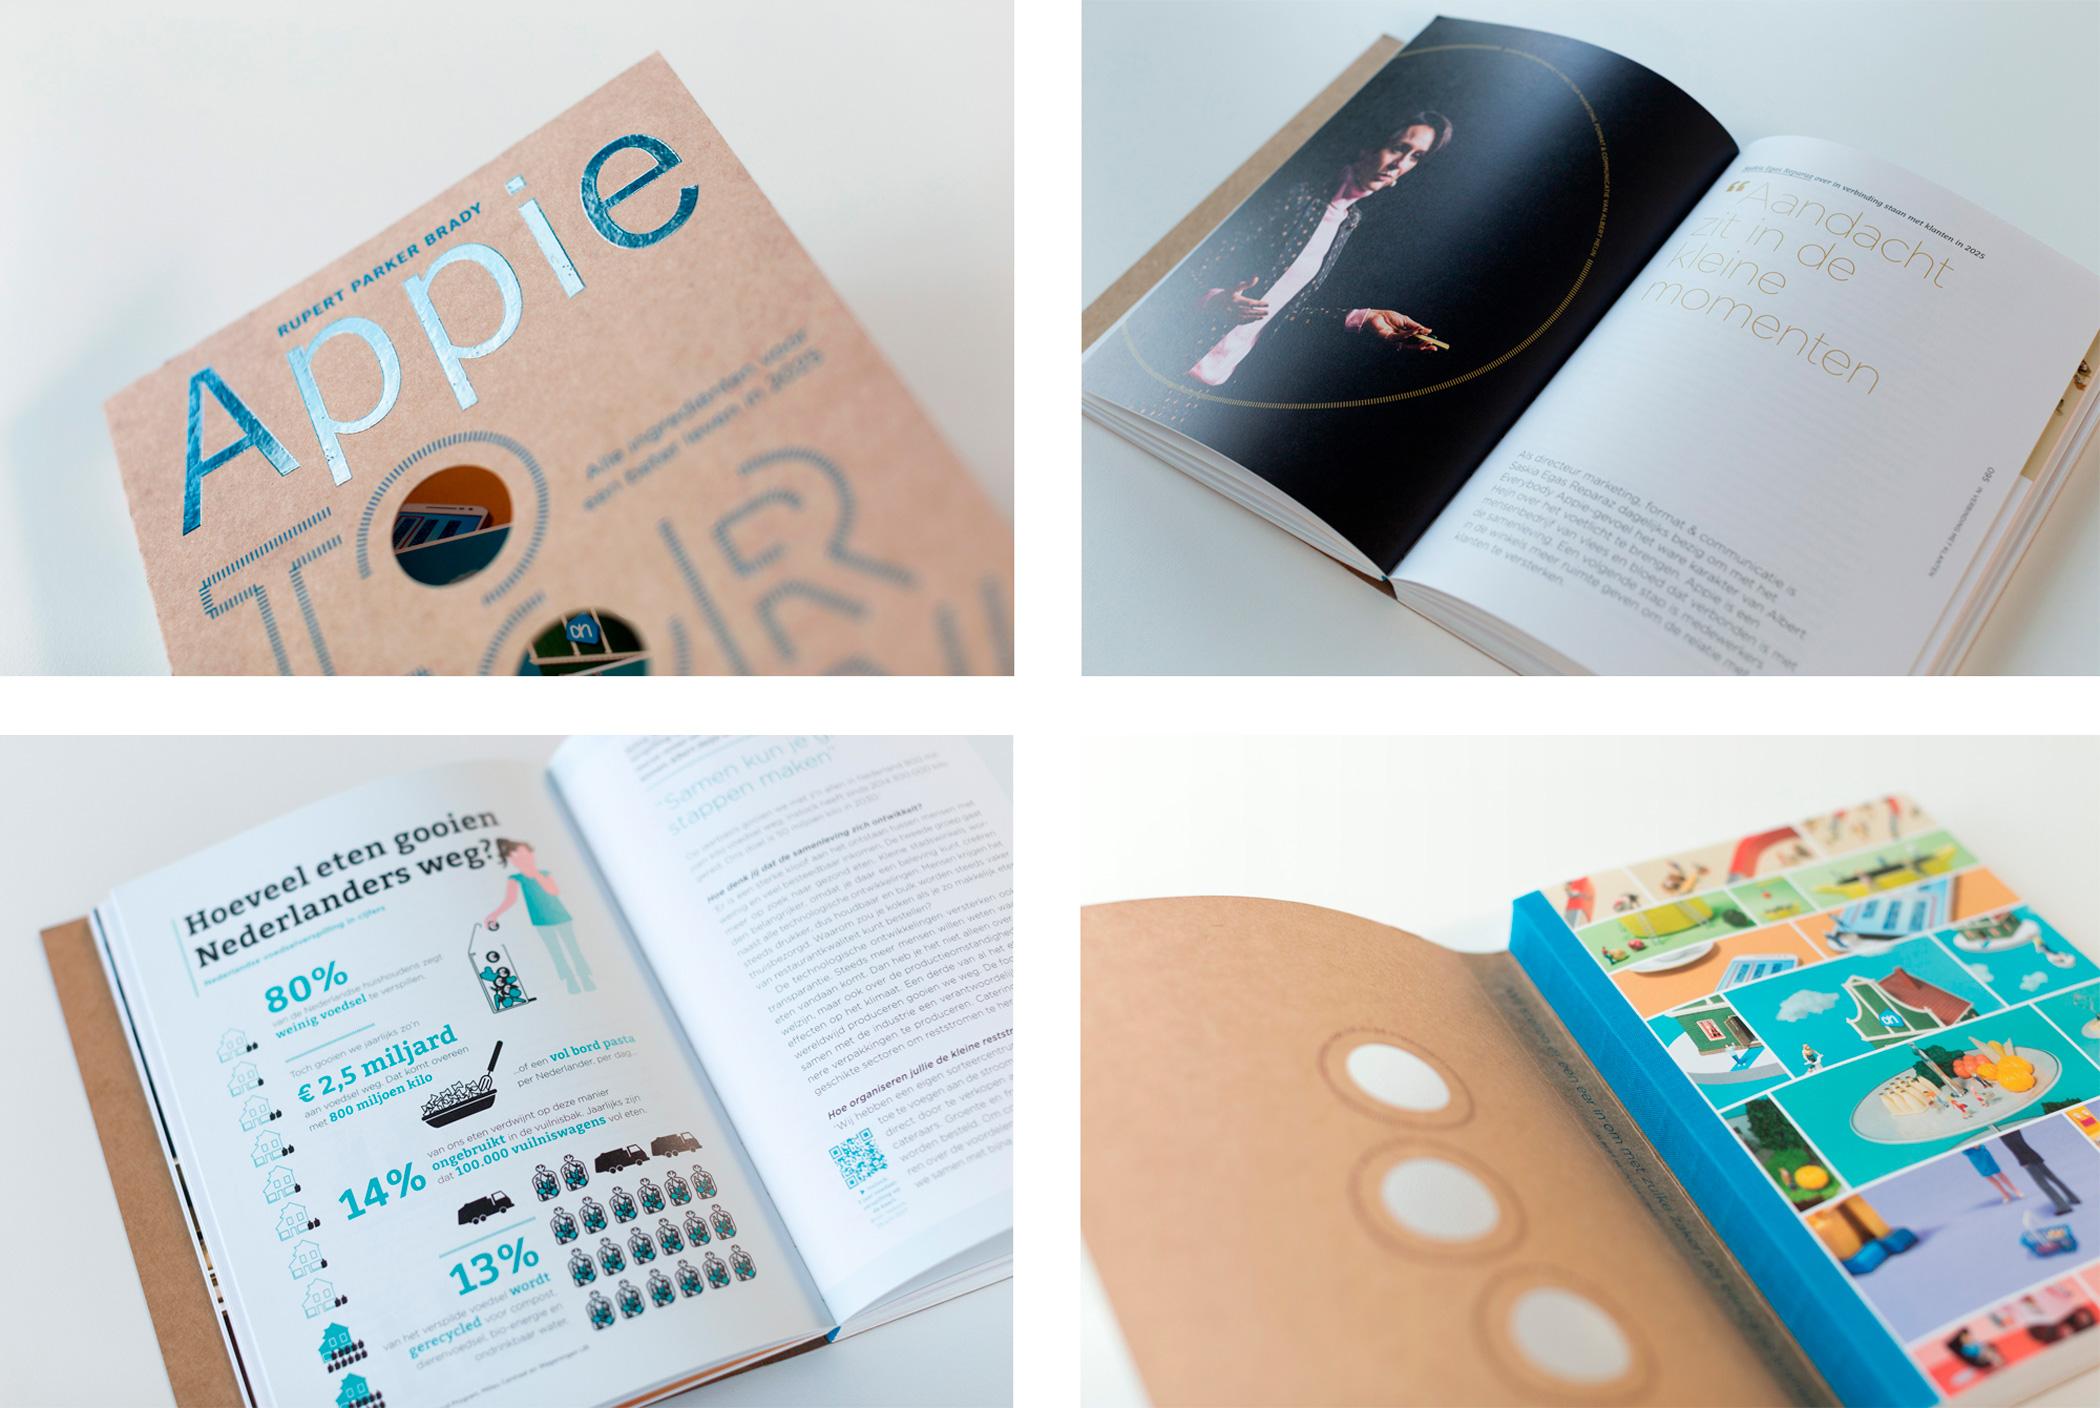 Spreads uit het boek Appie Tomorrow , ontwerp door Rianne Petter